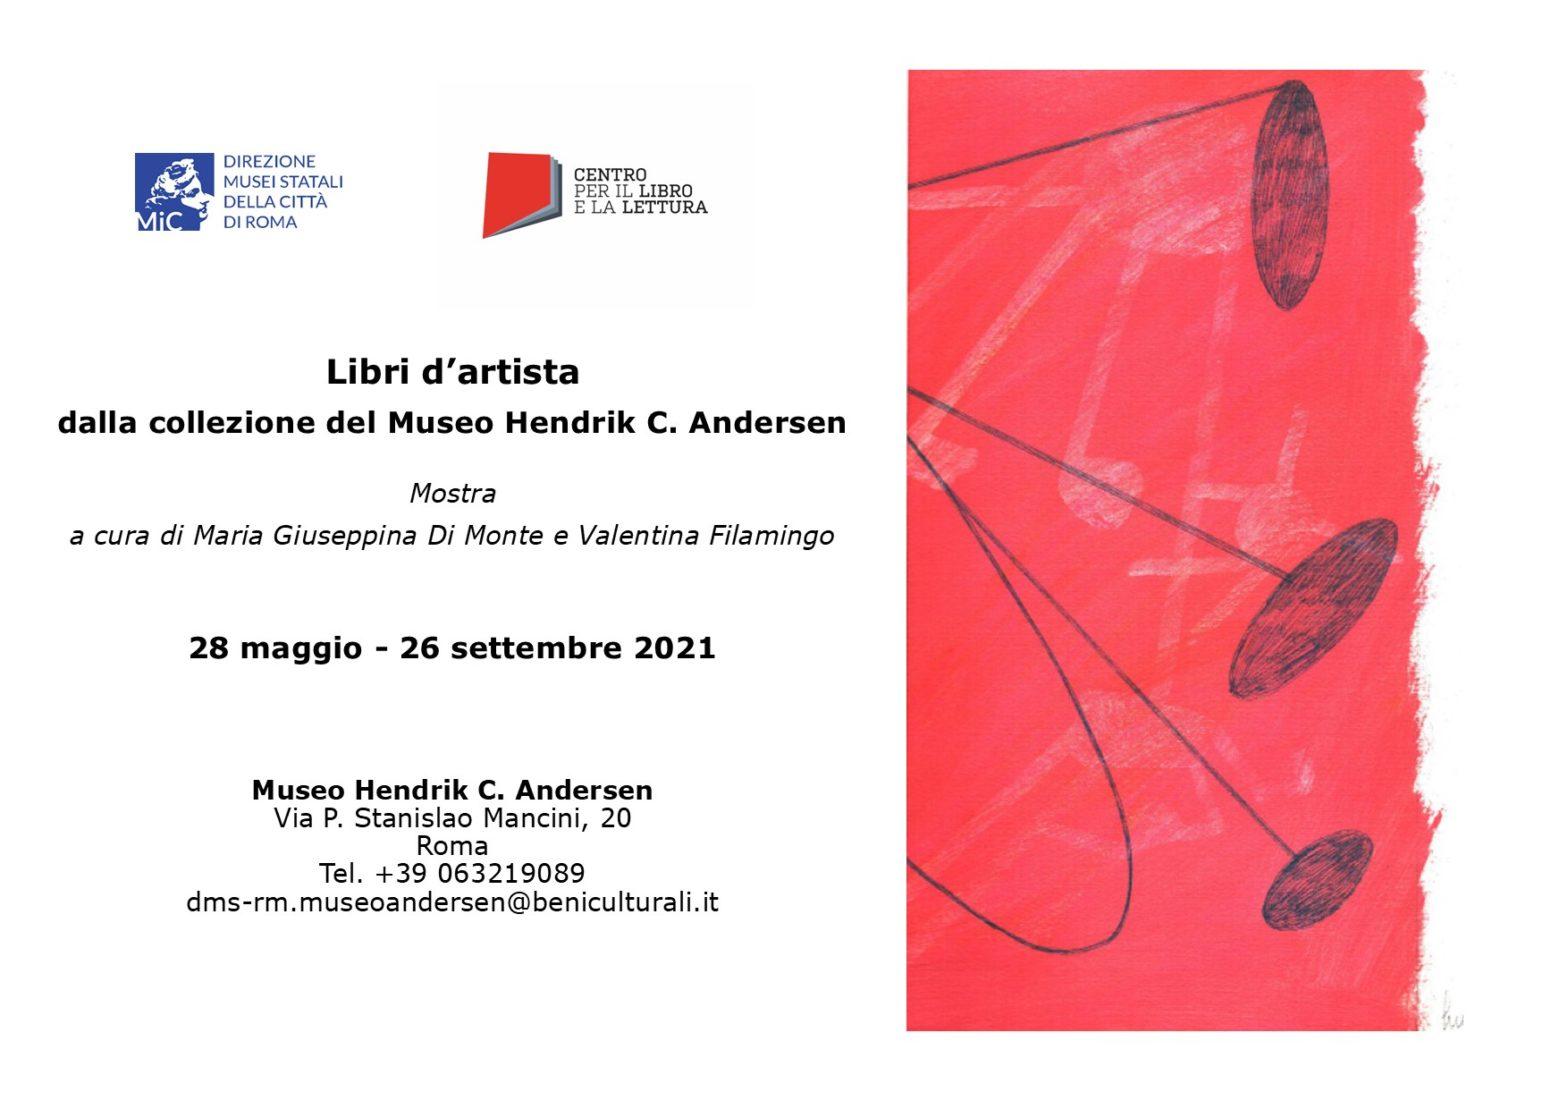 """Dal 28 maggio la mostra """"Libri d'artista dalla collezione del Museo Andersen"""""""